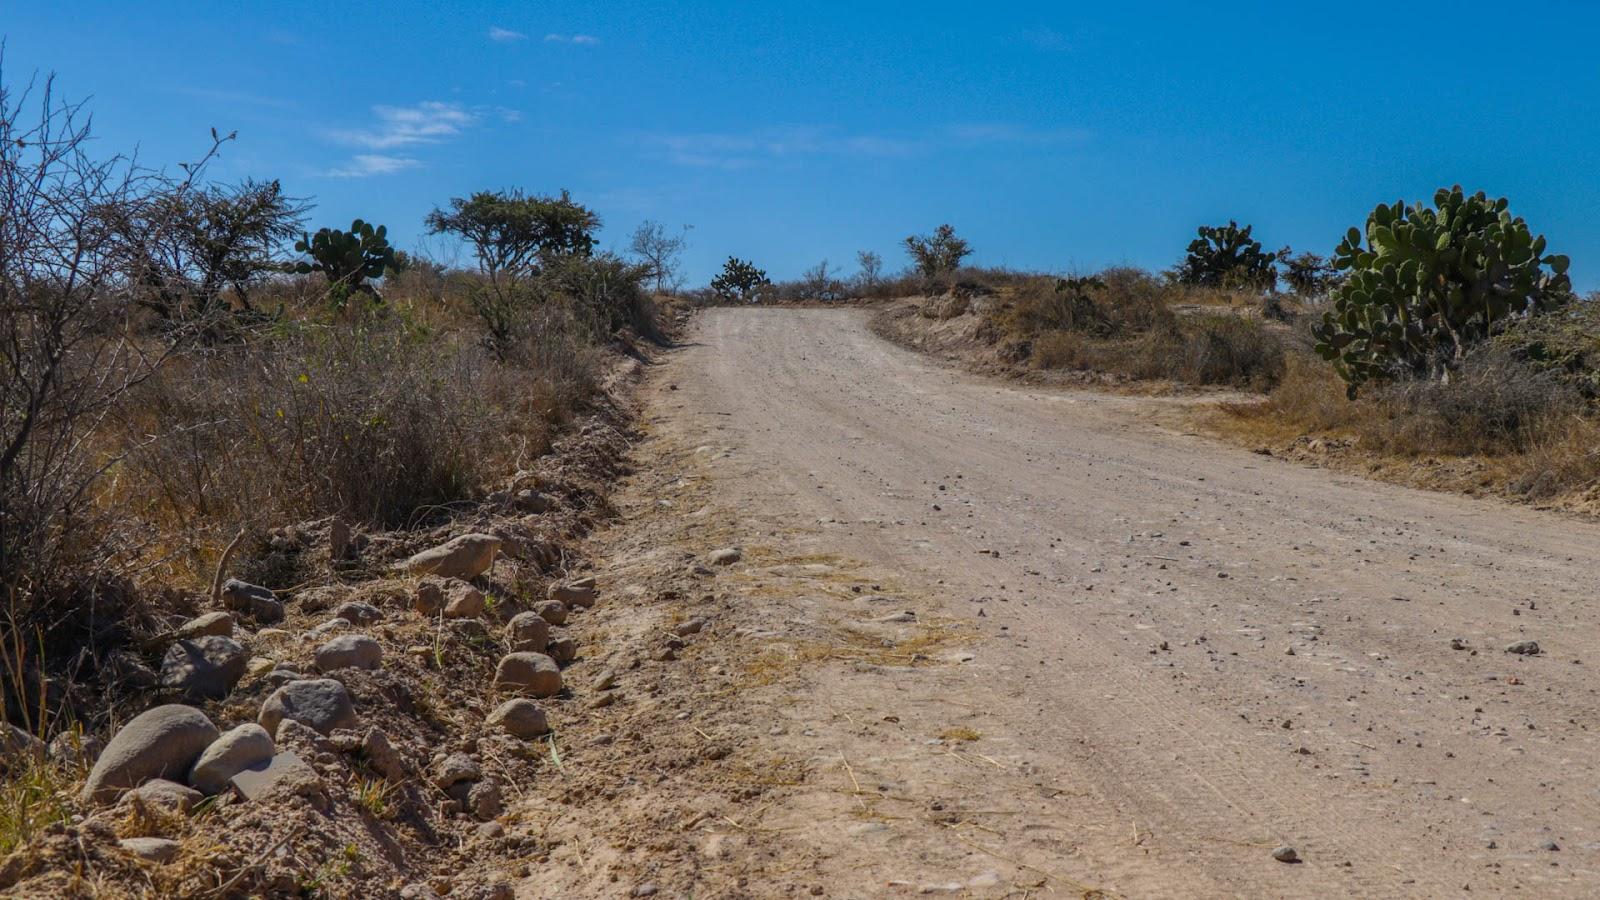 Camino de acceso a la comunidad Corralejo de Abajo.